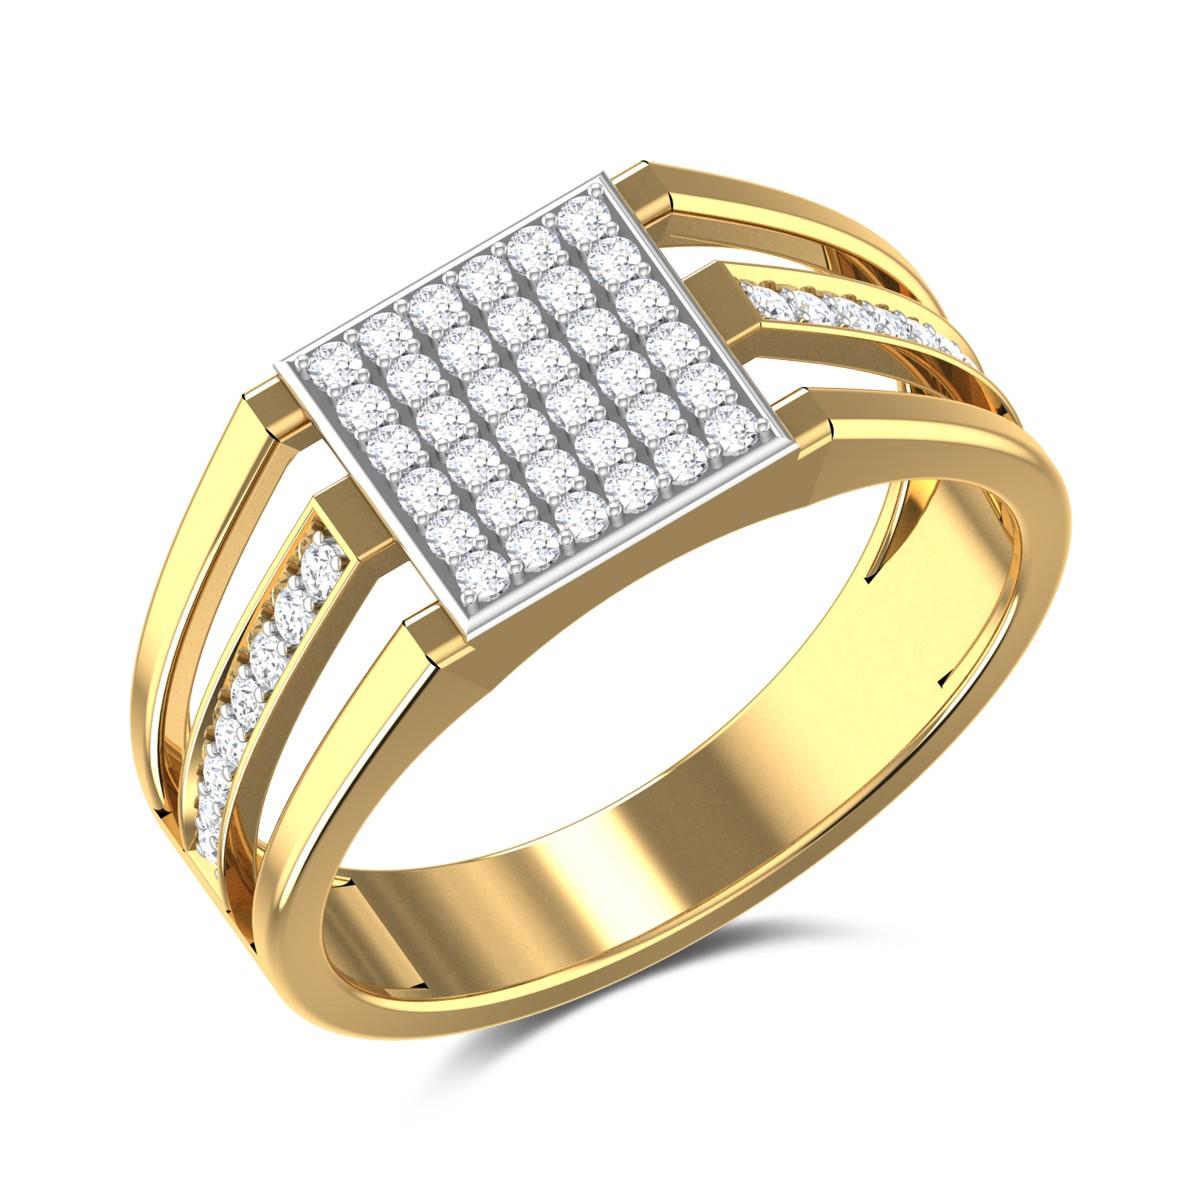 Oriella Diamond Ring